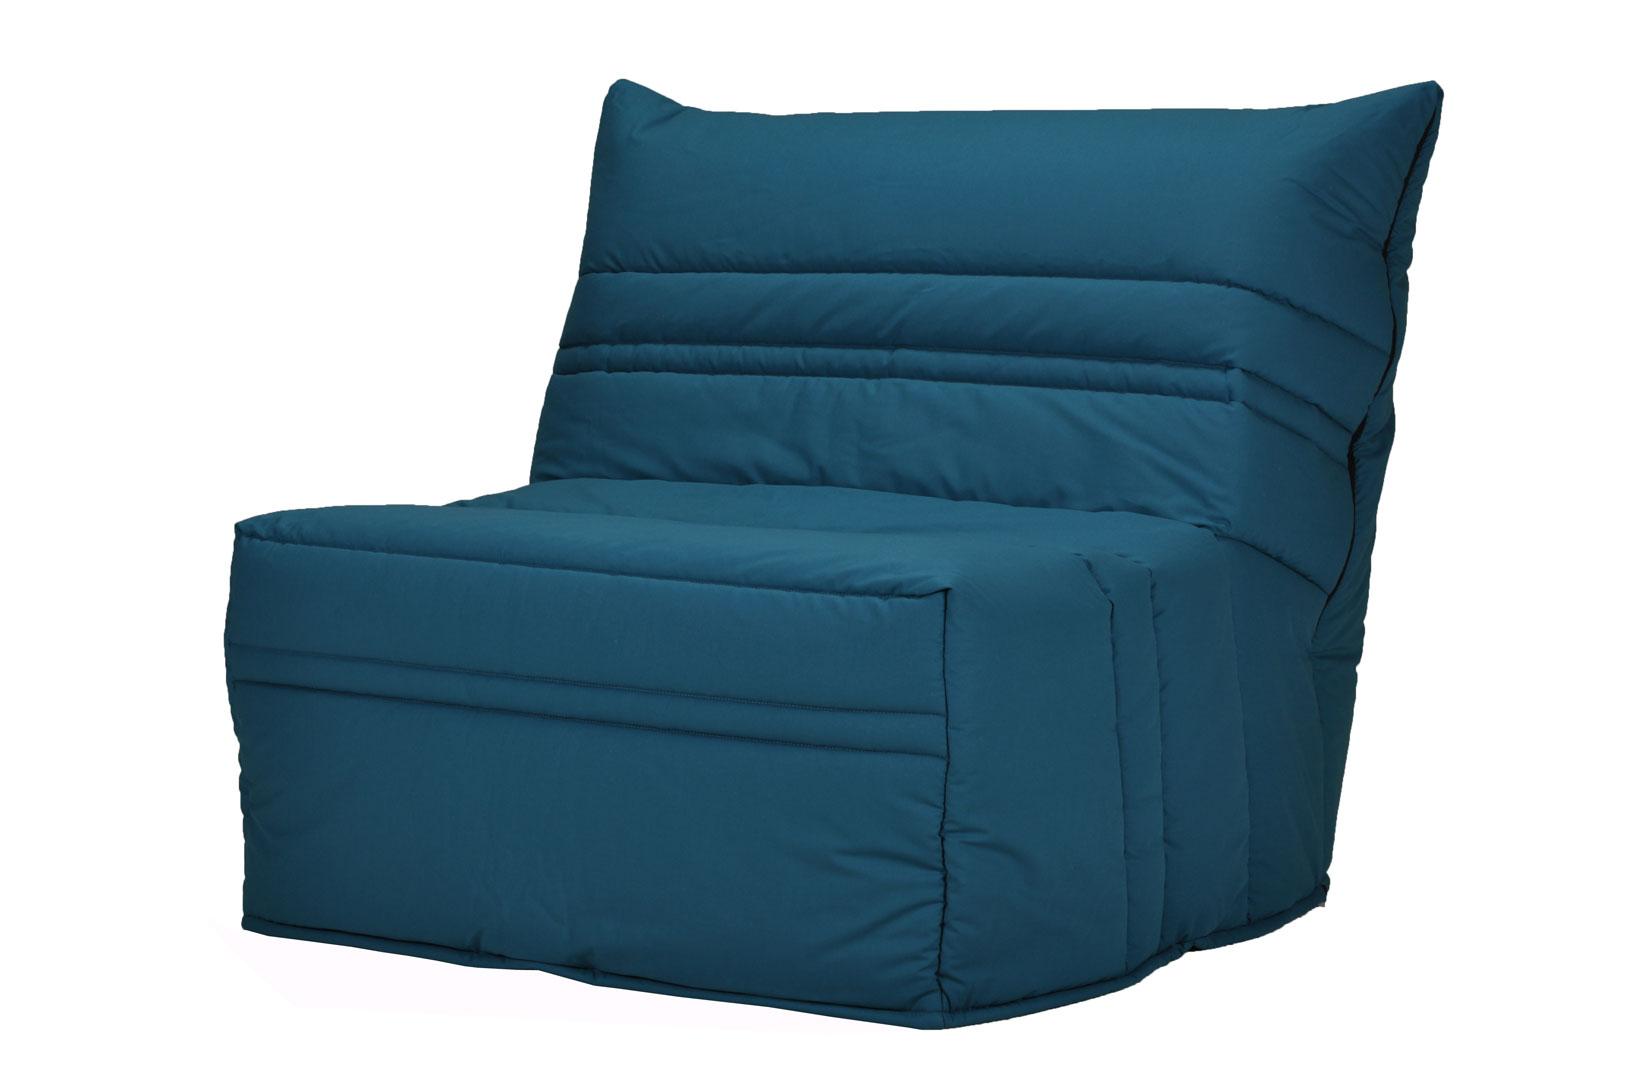 banquette bz contemporaine 90 cm coloris bleu canard boris | matelpro